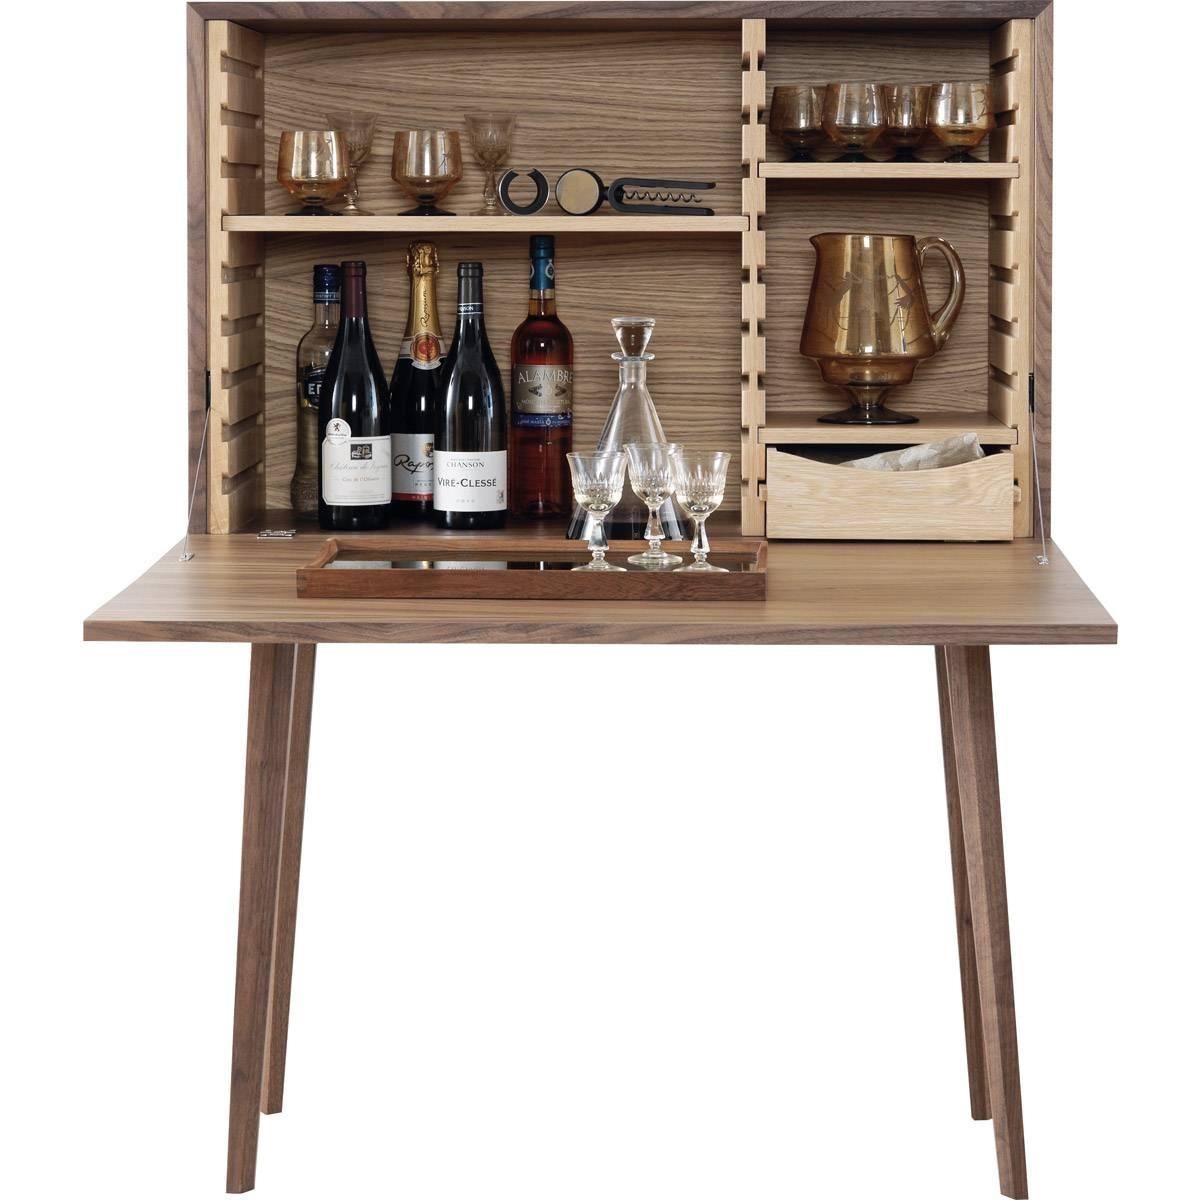 Mister Bar/sideboard/desk | Wewood | Horne With Desk Sideboard (#17 of 20)